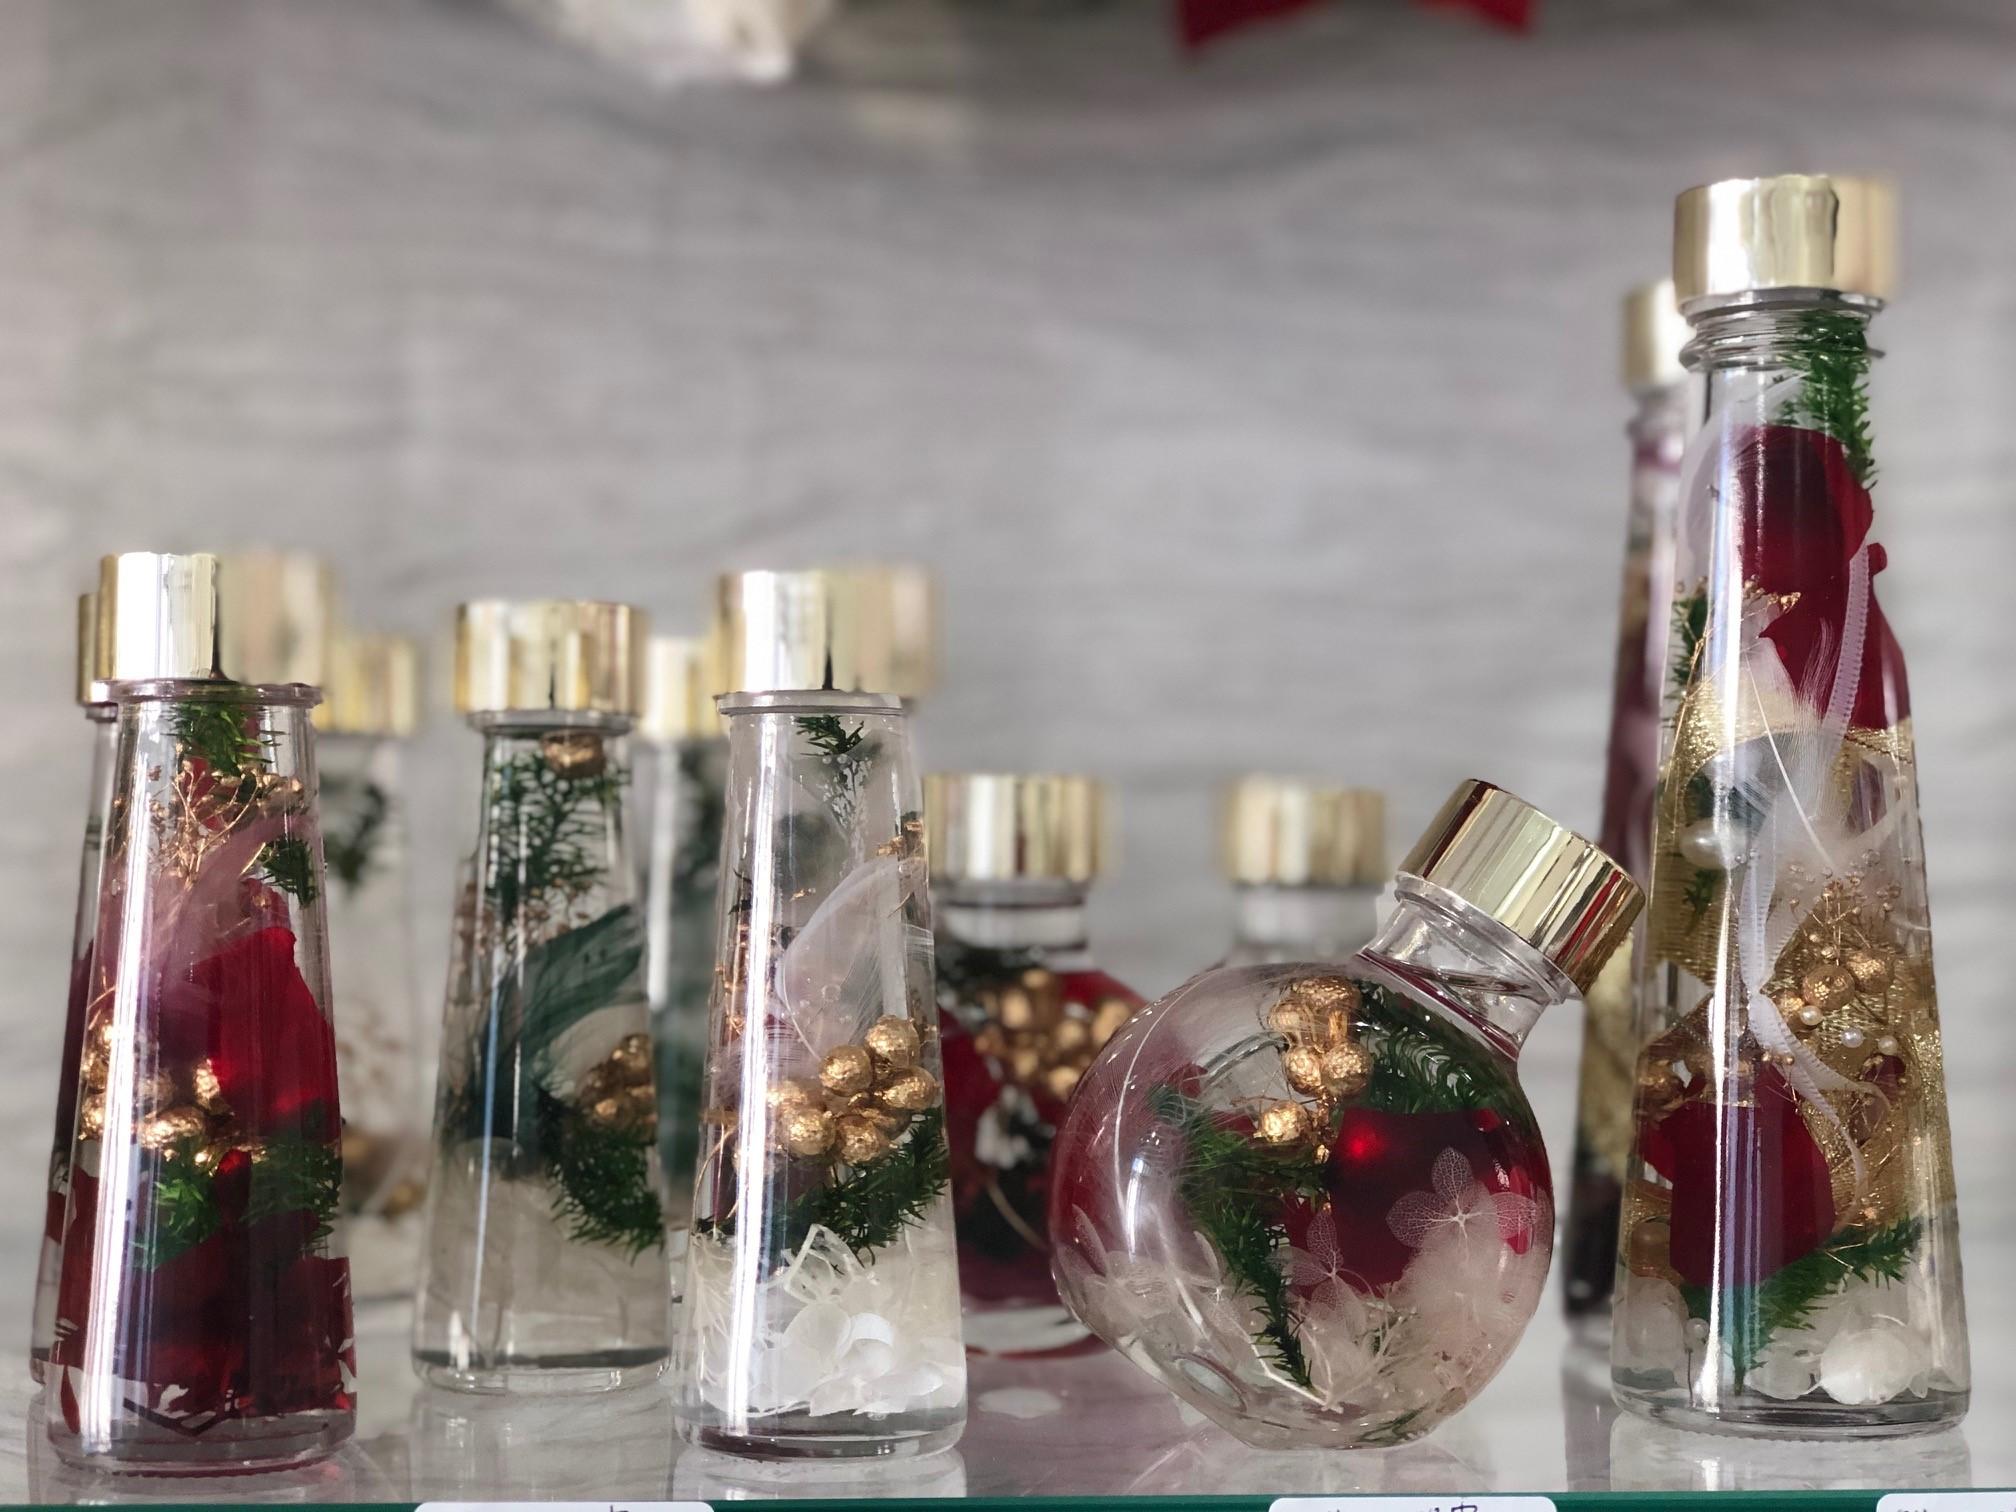 池袋 プリザーブドフラワー専門店 フラワーショップリズカ クリスマス ハーバリウム 赤 レッド